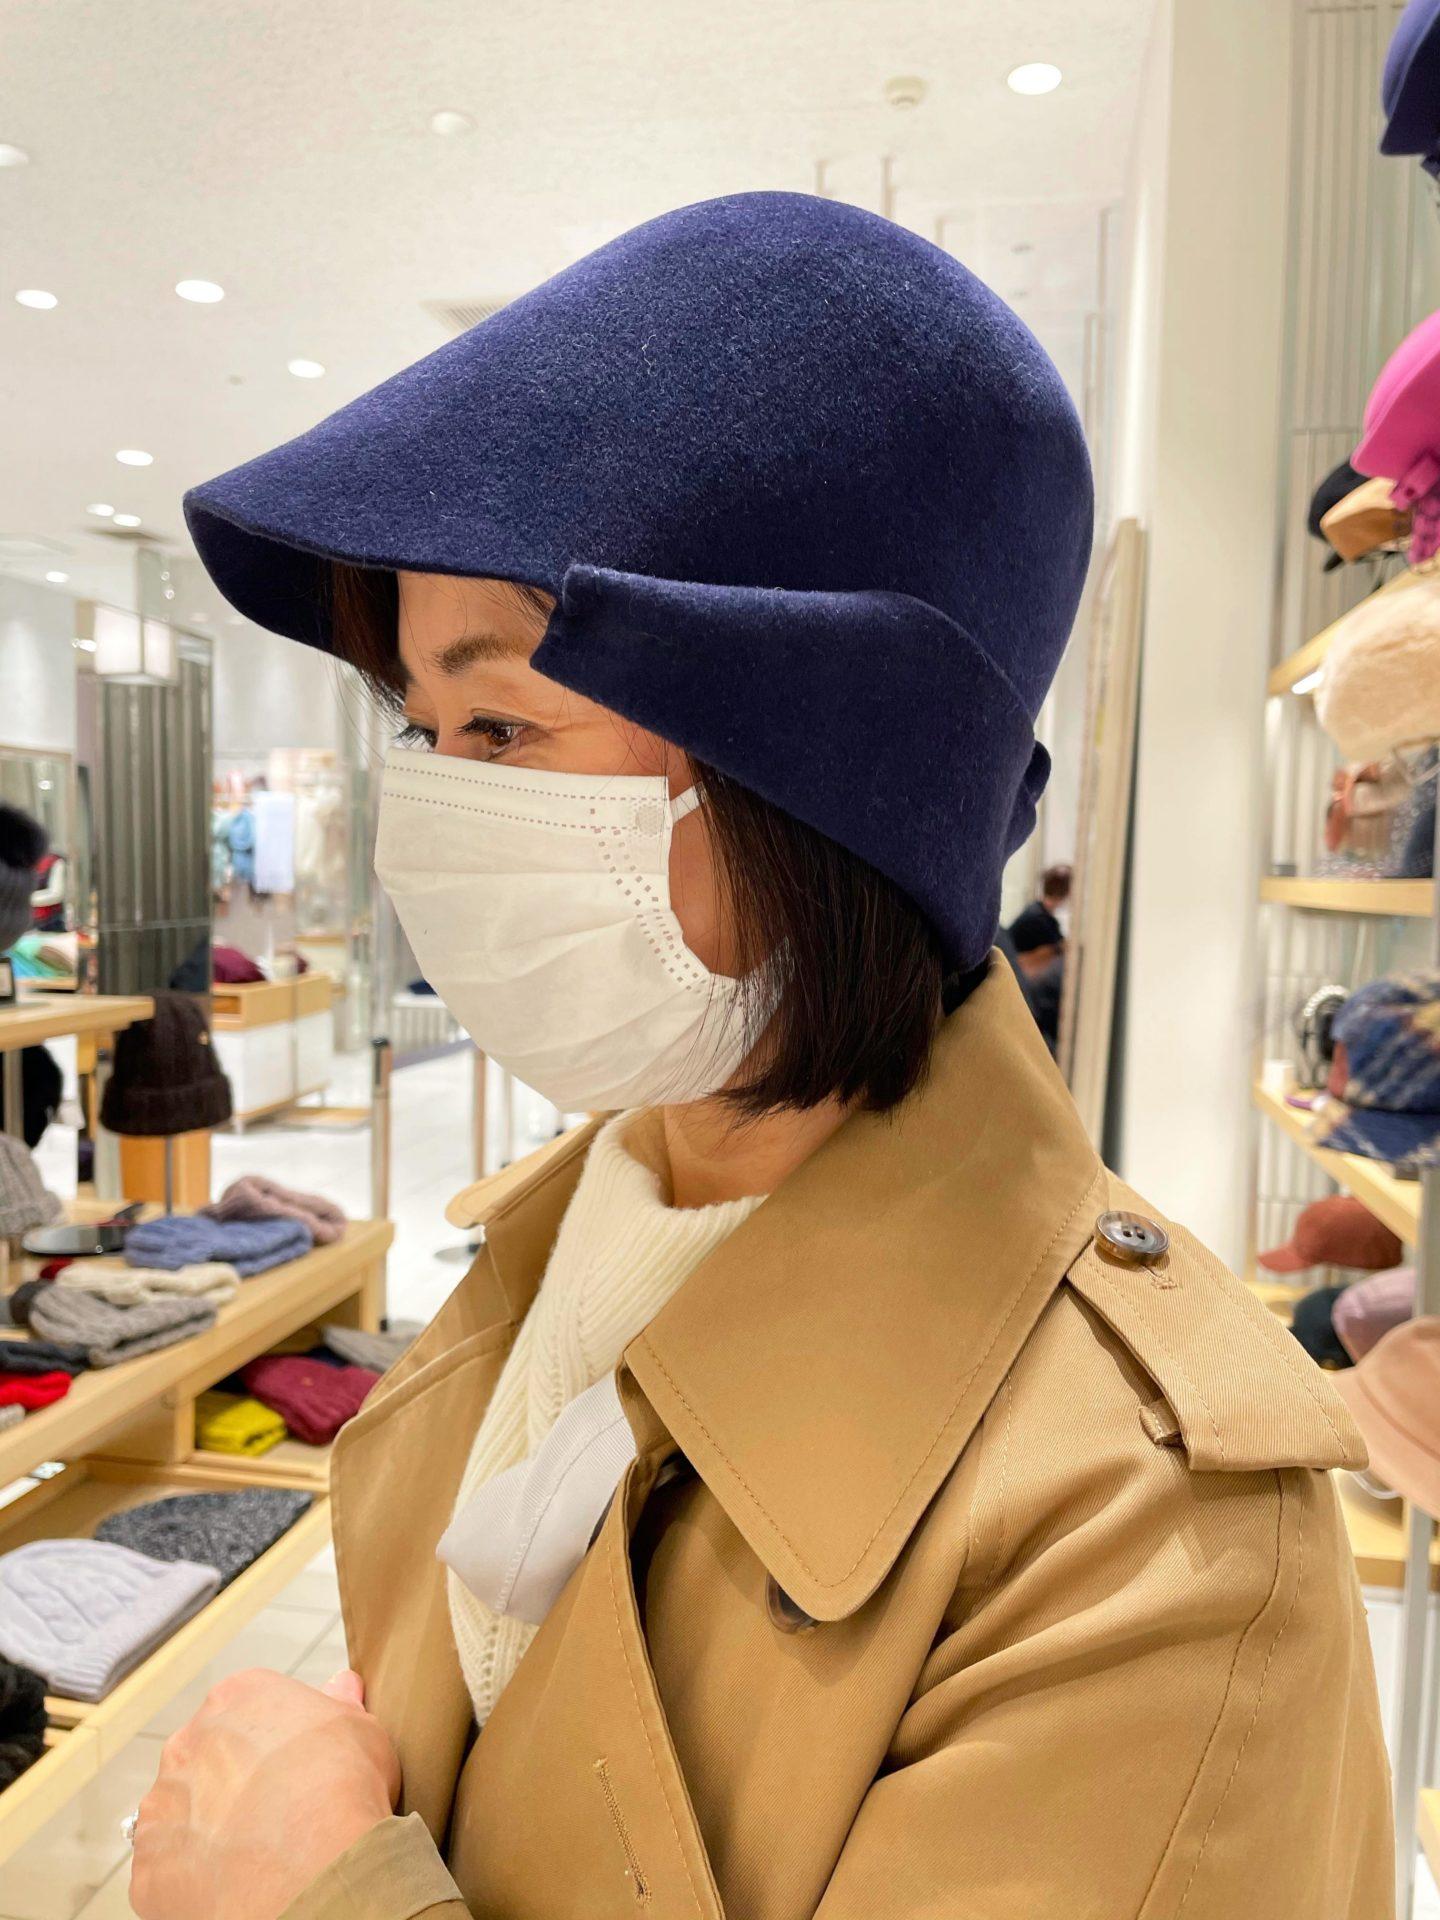 顔タイプソフトエレガントさんの買い物同行帽子・デニム・スポーツウェア